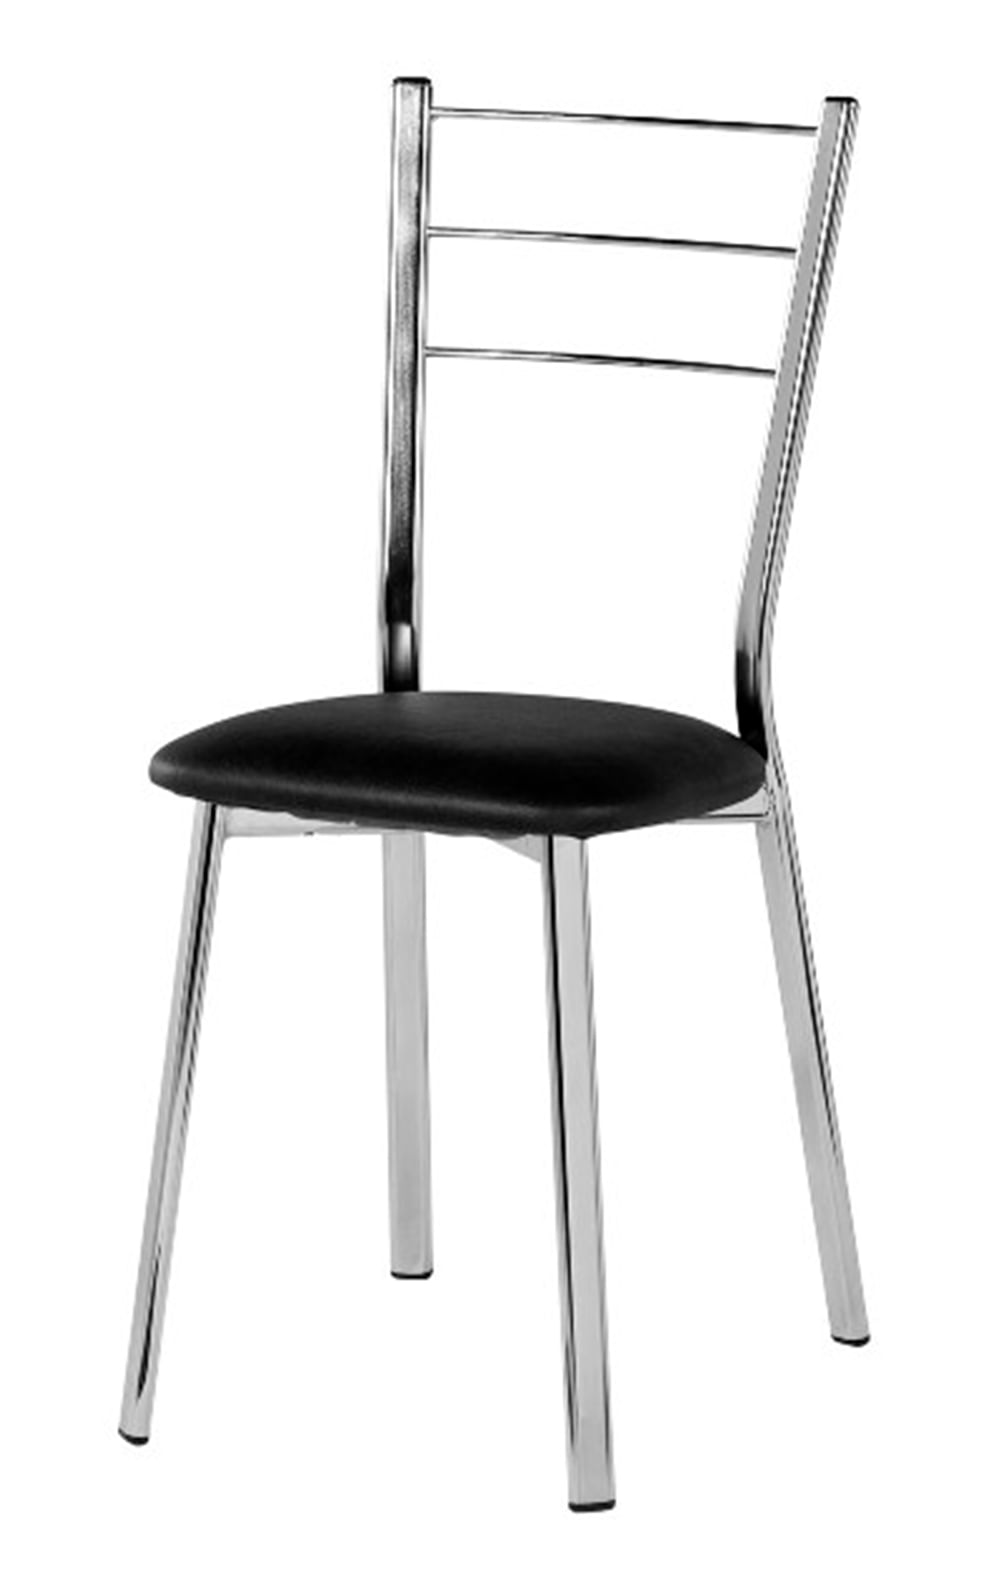 Cadeira Korino Preto EncostoTrefilado 12265